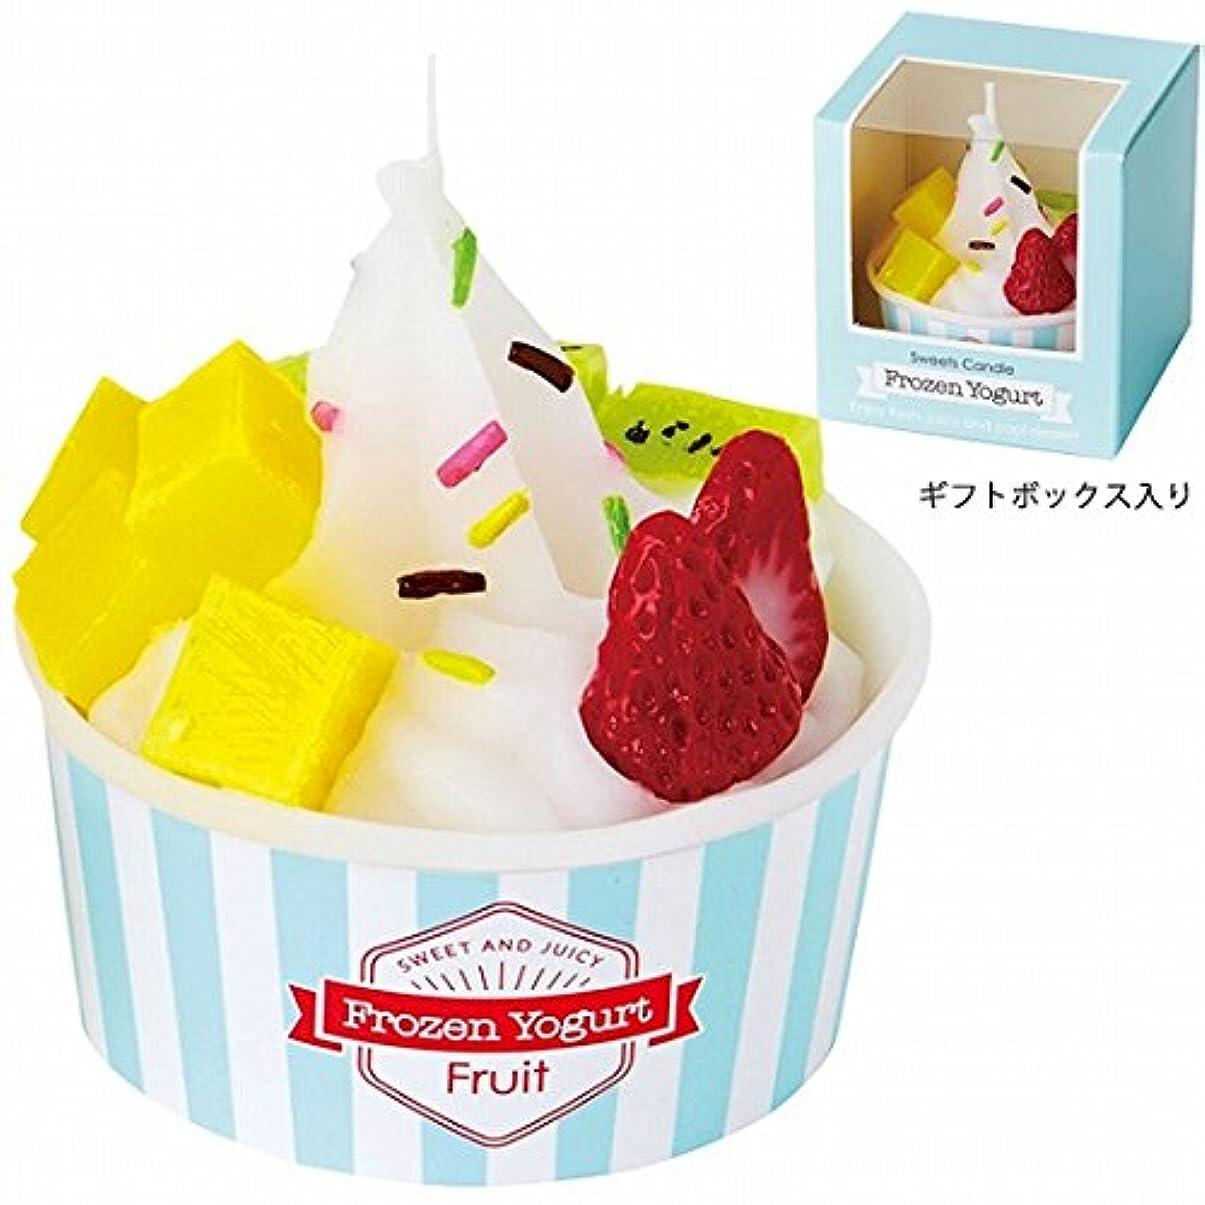 カメヤマキャンドル(kameyama candle) フローズンヨーグルトキャンドル 「フルーツ」 4個セット